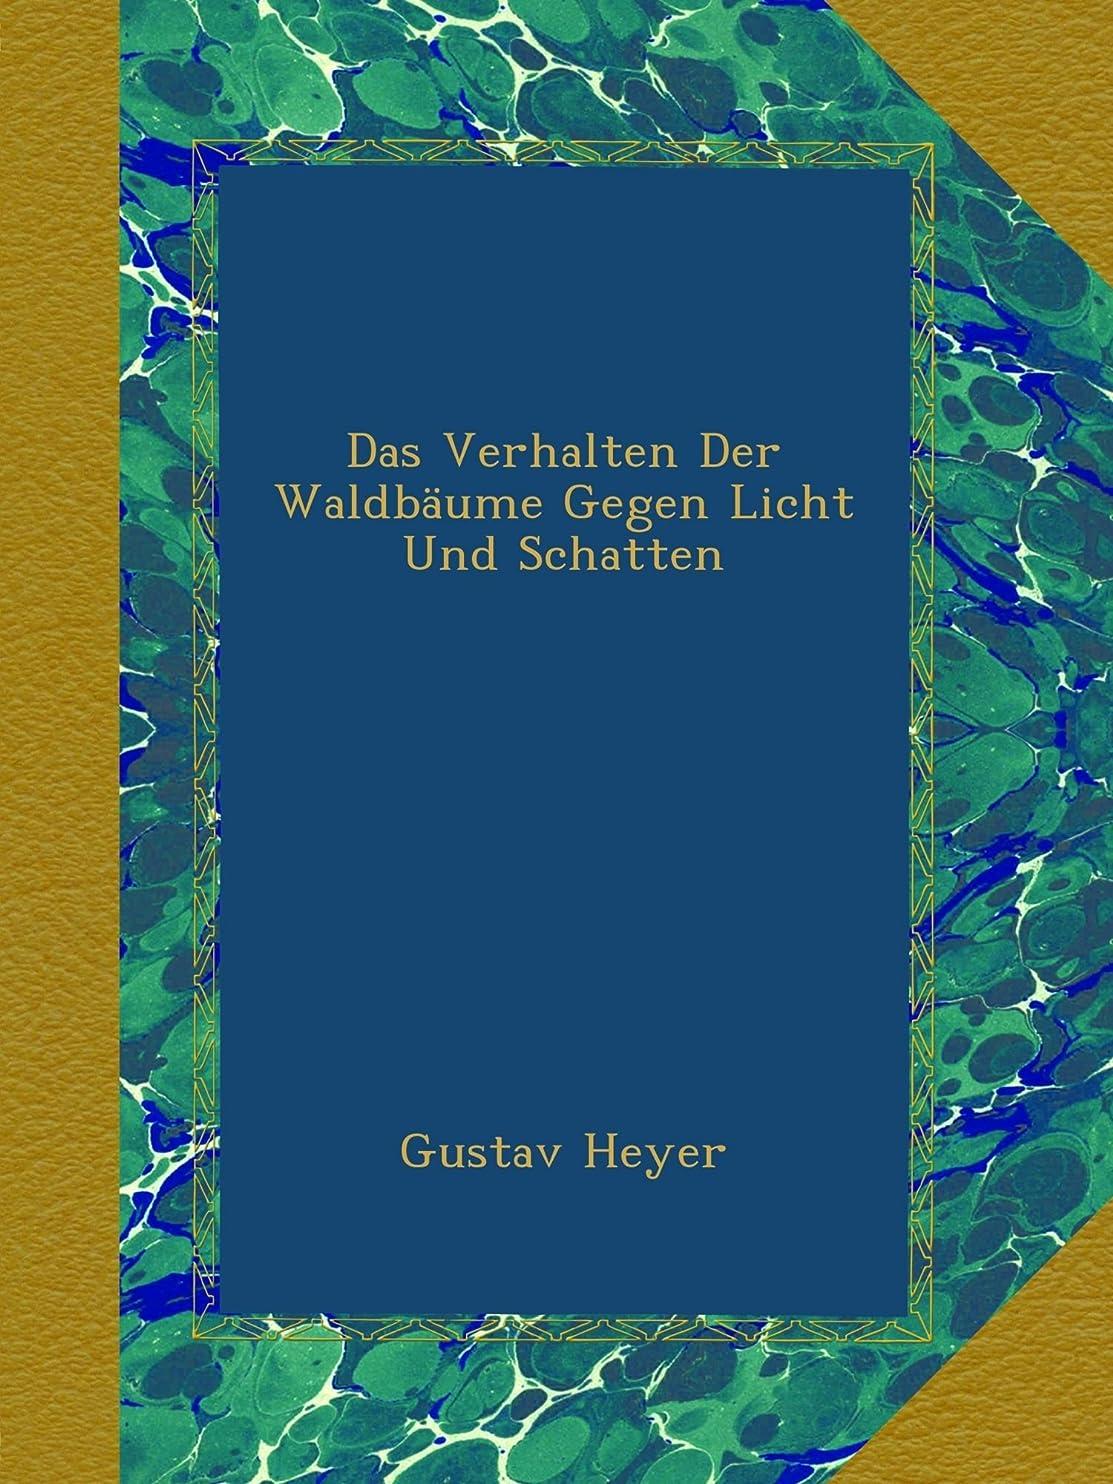 失業手紙を書く手荷物Das Verhalten Der Waldbaeume Gegen Licht Und Schatten